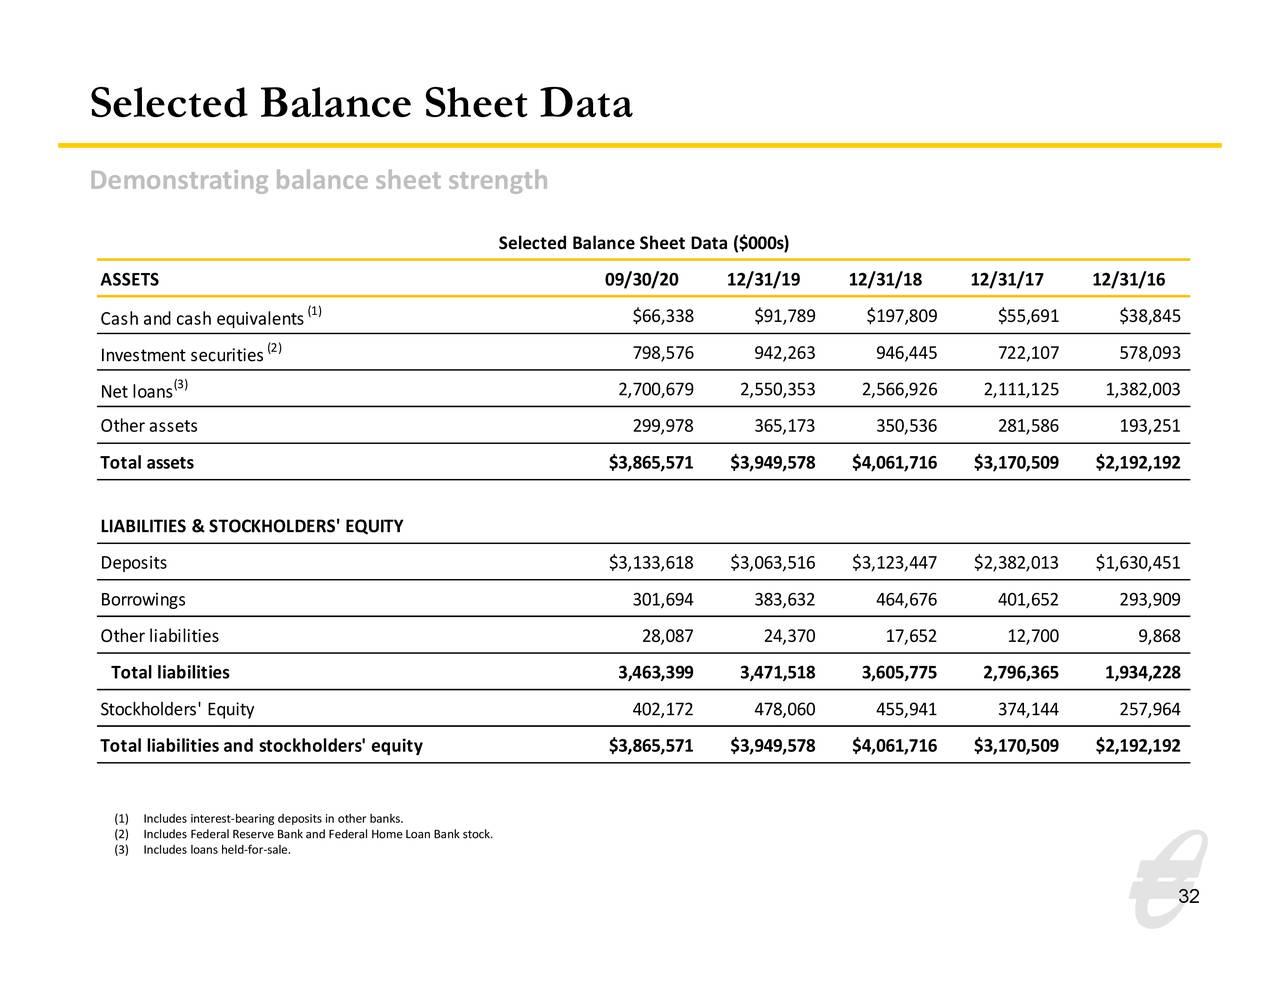 Datos seleccionados del balance